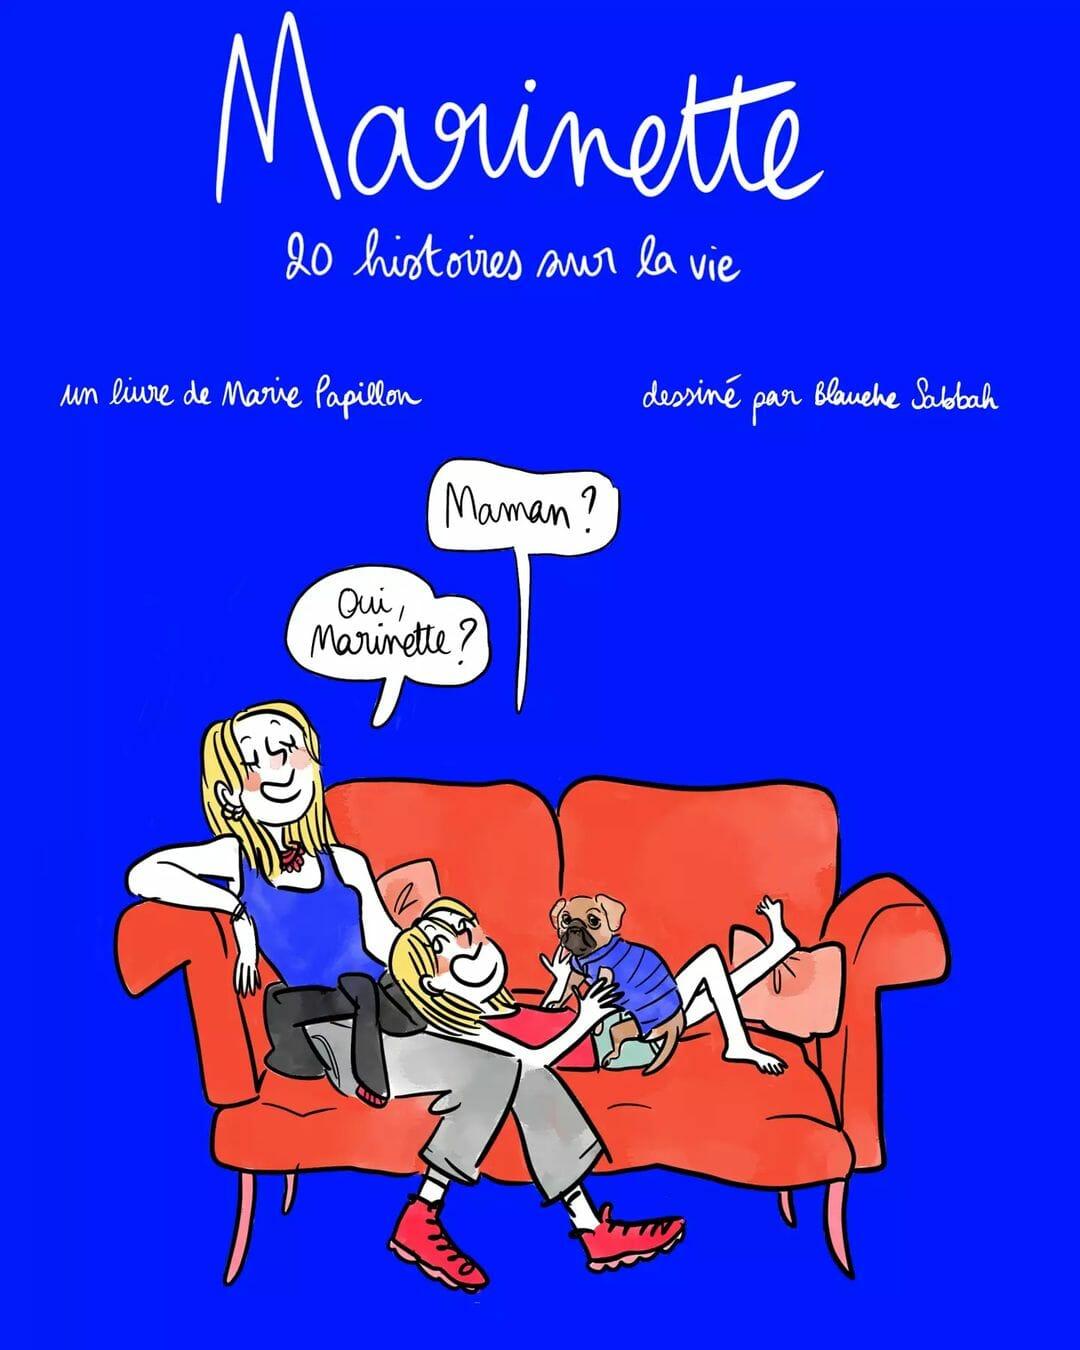 """Couverture de """"Marinette"""". Sur un fond bleu Klein, dessin d'une mère et sa fille discutent assises sur un canapé rouge."""